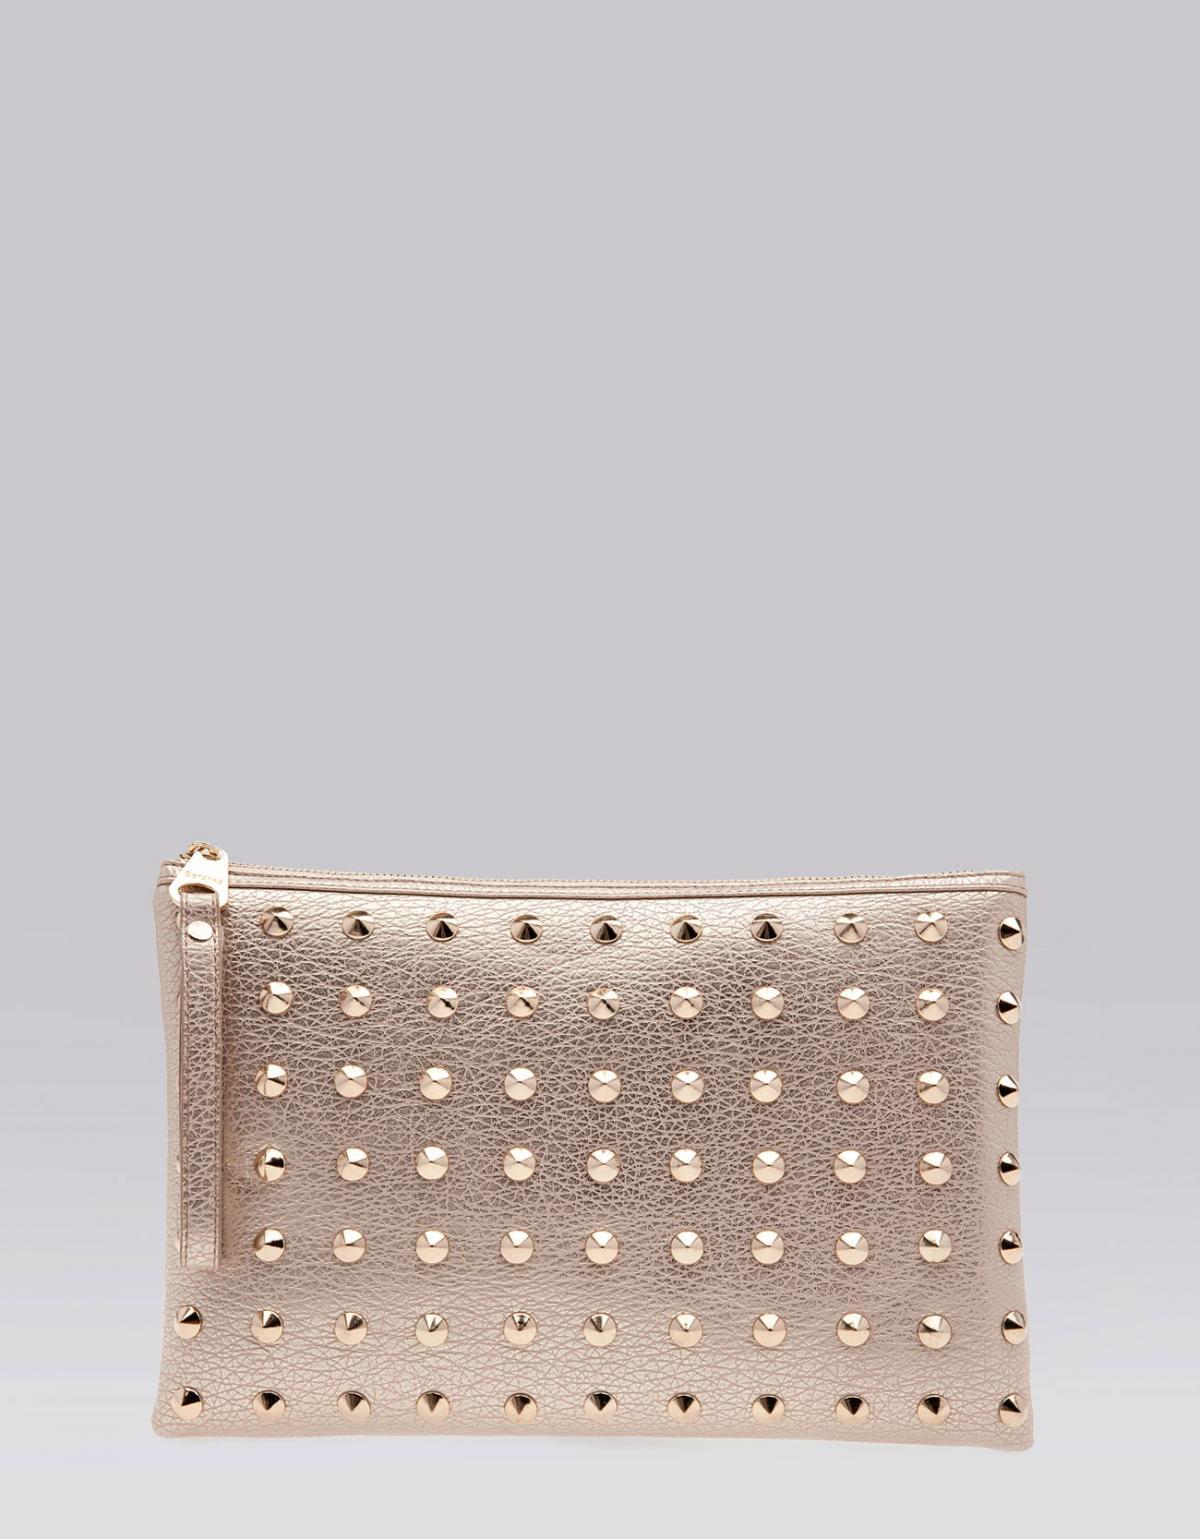 1daf3e4bc2be7 śliczna torebka Bershka w kolorze złotym - błyszczące torebki ...